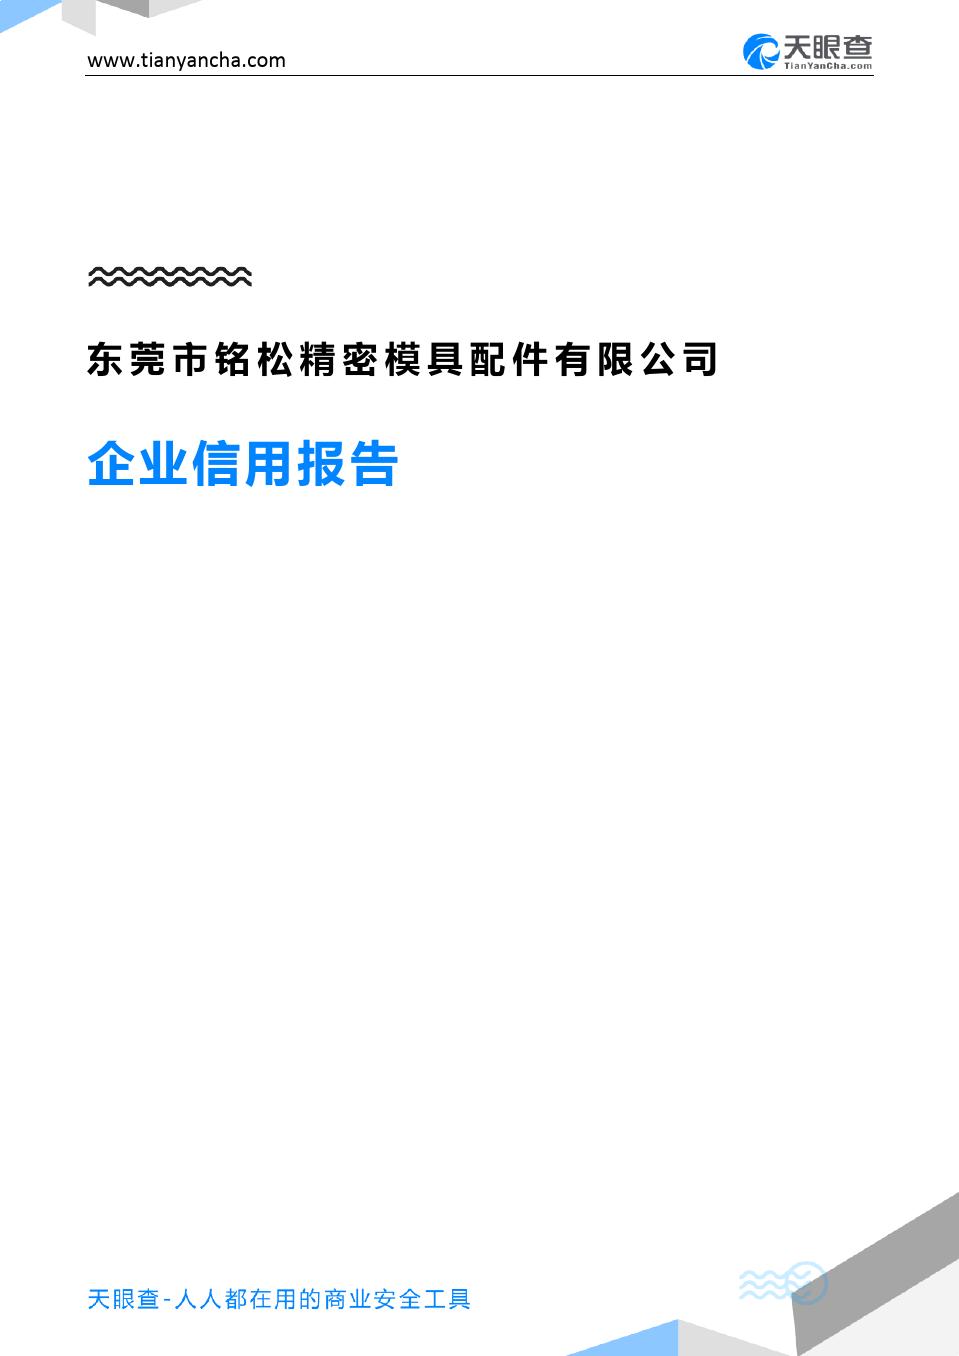 东莞市铭松精密模具配件有限公司企业信用报告-天眼查